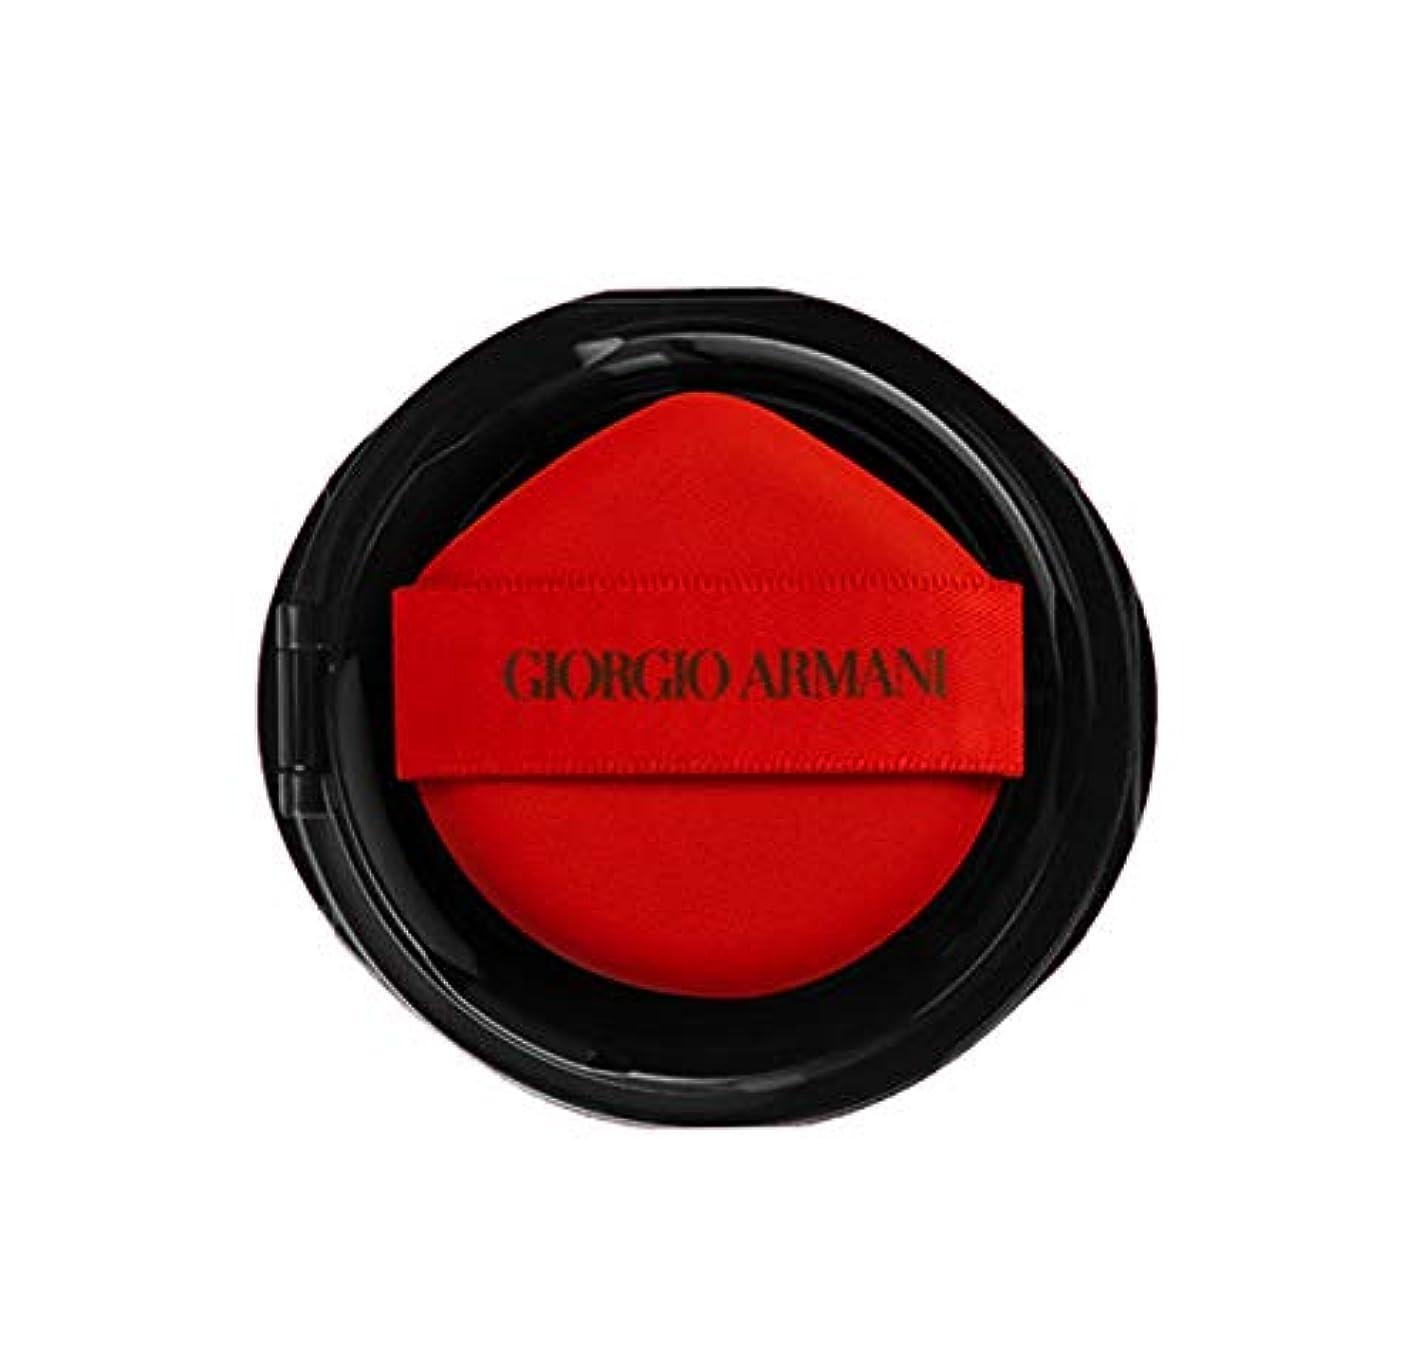 コード摩擦弾丸[ジョルジオ アルマーニ ビューティ(Giorgio Armani Beauty)]マイ アルマーニ トゥ ゴー クッション(補充 レフィル) SPF23 PA+++ 15g #5